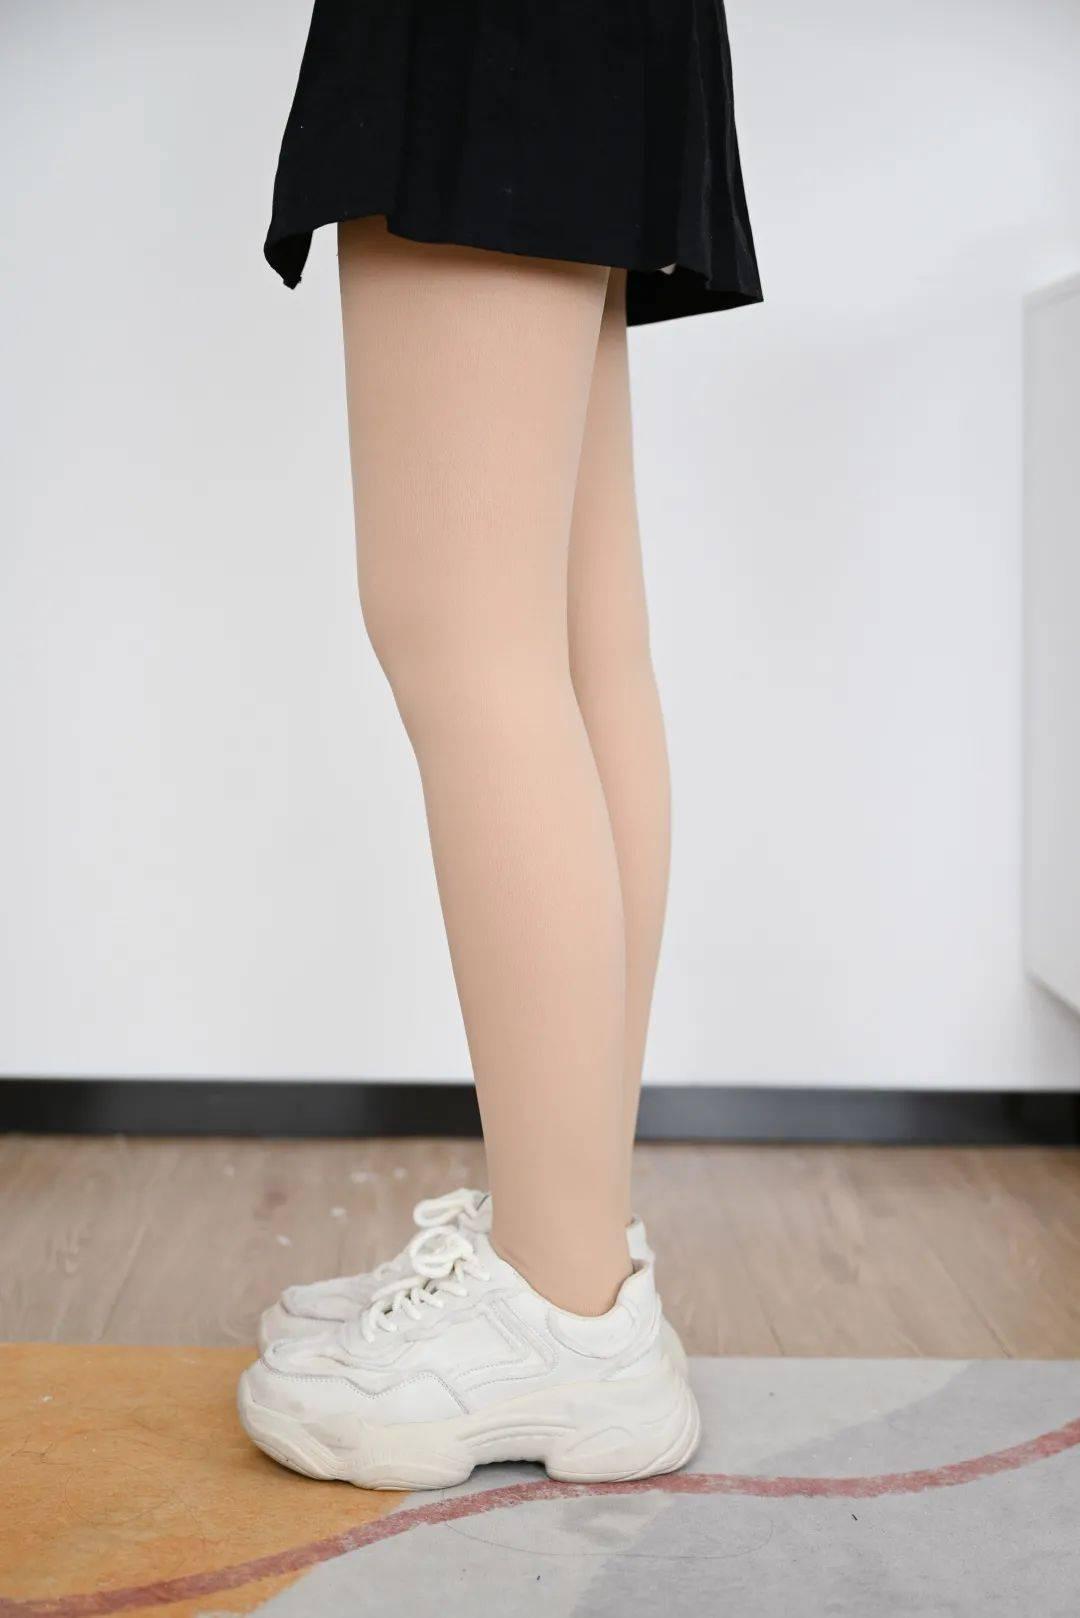 13款网红光腿神器实测,保暖不假肢的我都帮你们找到了!